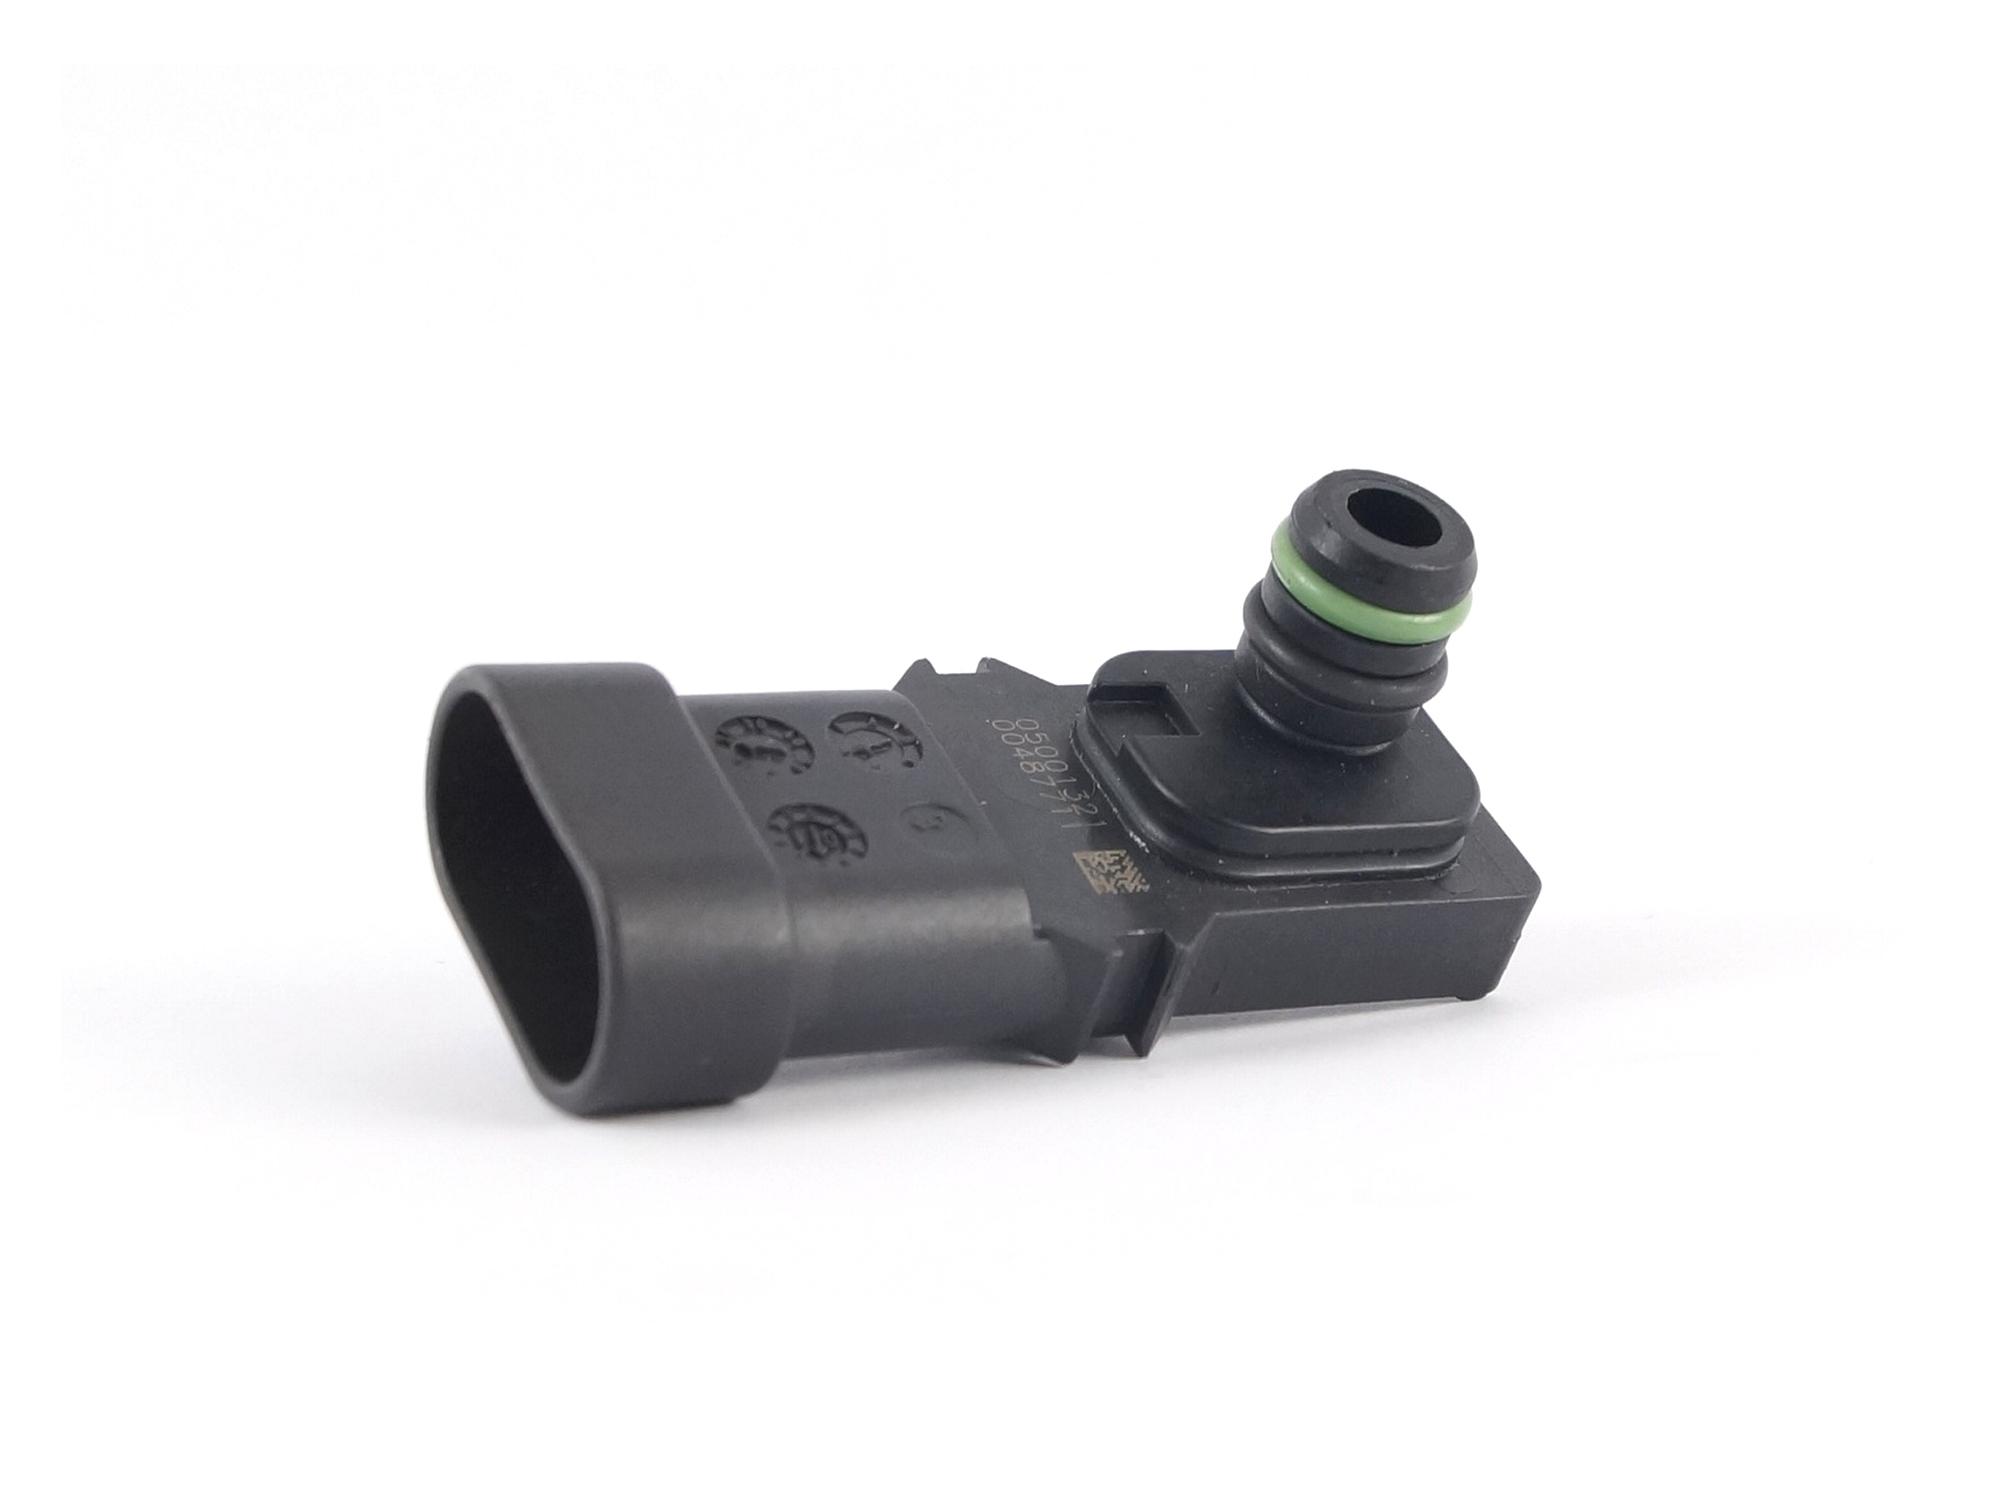 5WK9681 Mapsensor датчик давления  renault trafic ii 2 0 купить